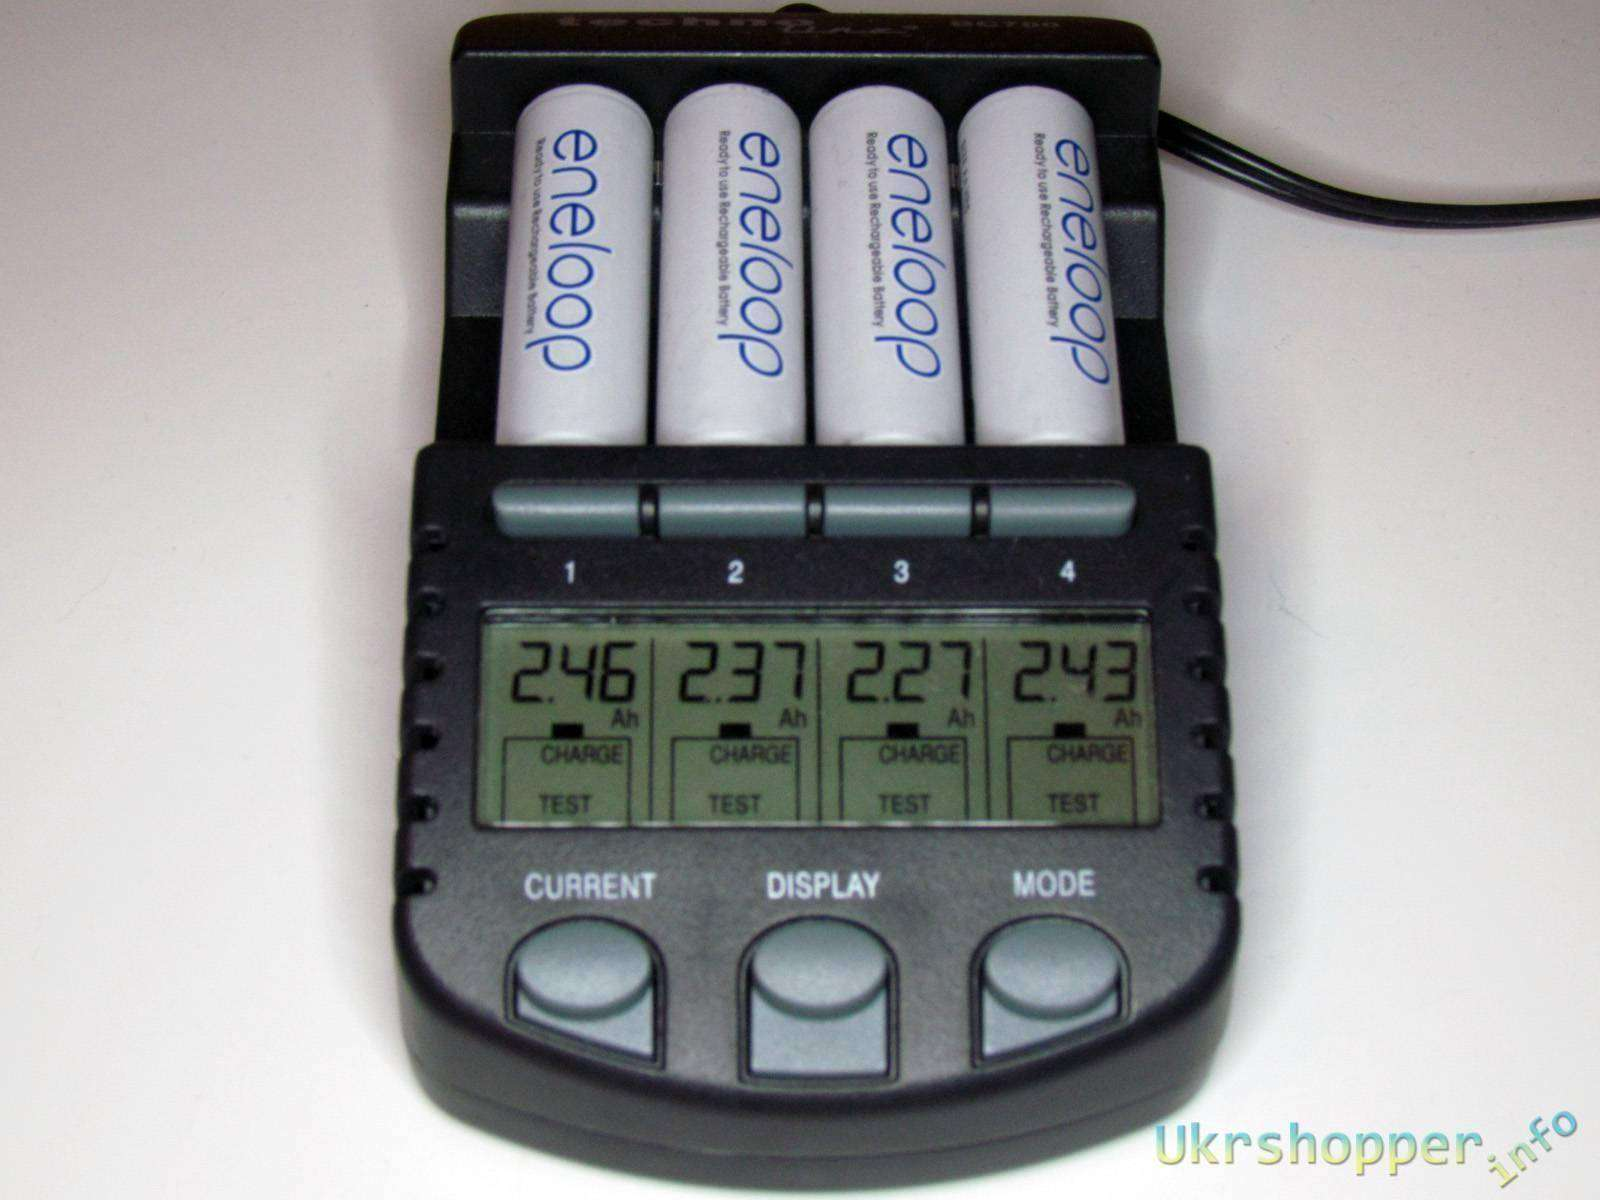 Focalprice: Обзор китайского варианта АА аккумуляторов Sanyo Eneloop